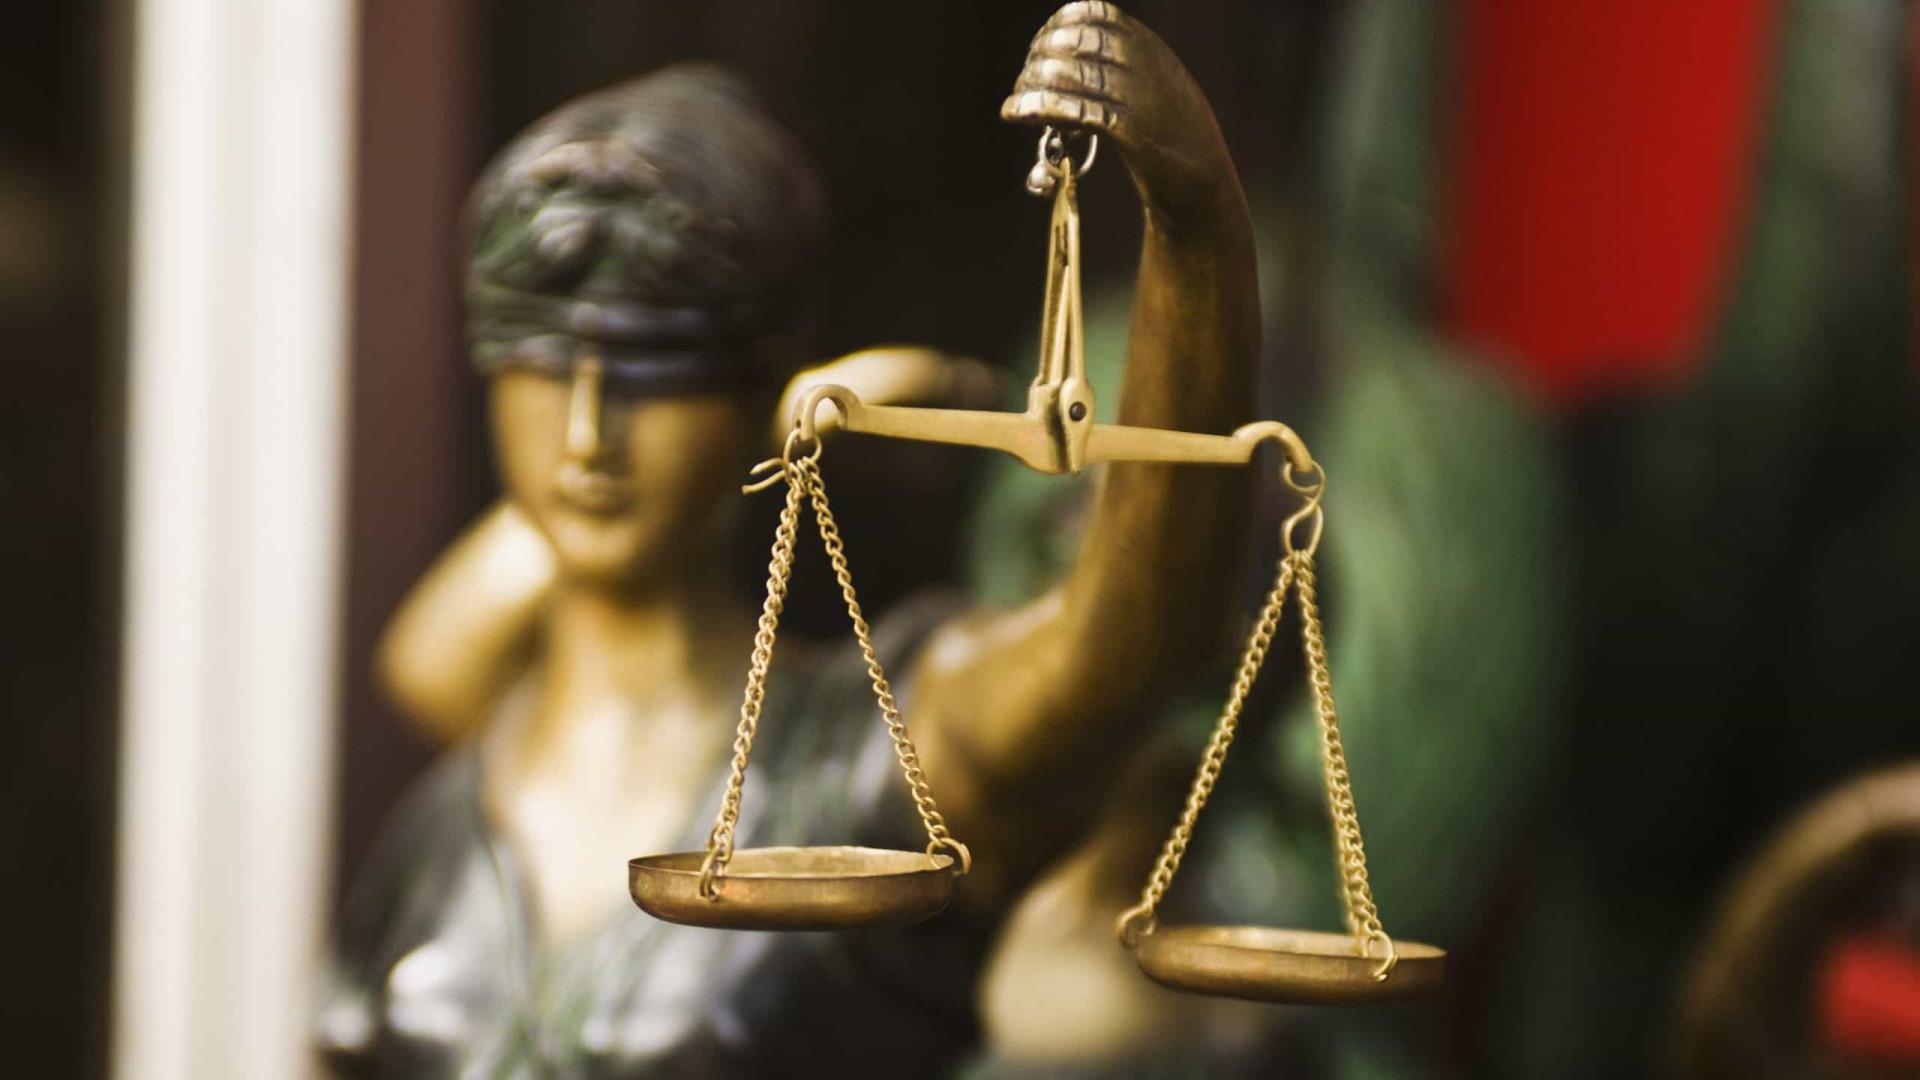 Justiça de SP nega duas vezes liberdade a mãe de 5 filhos que furtou miojo e refrigerante